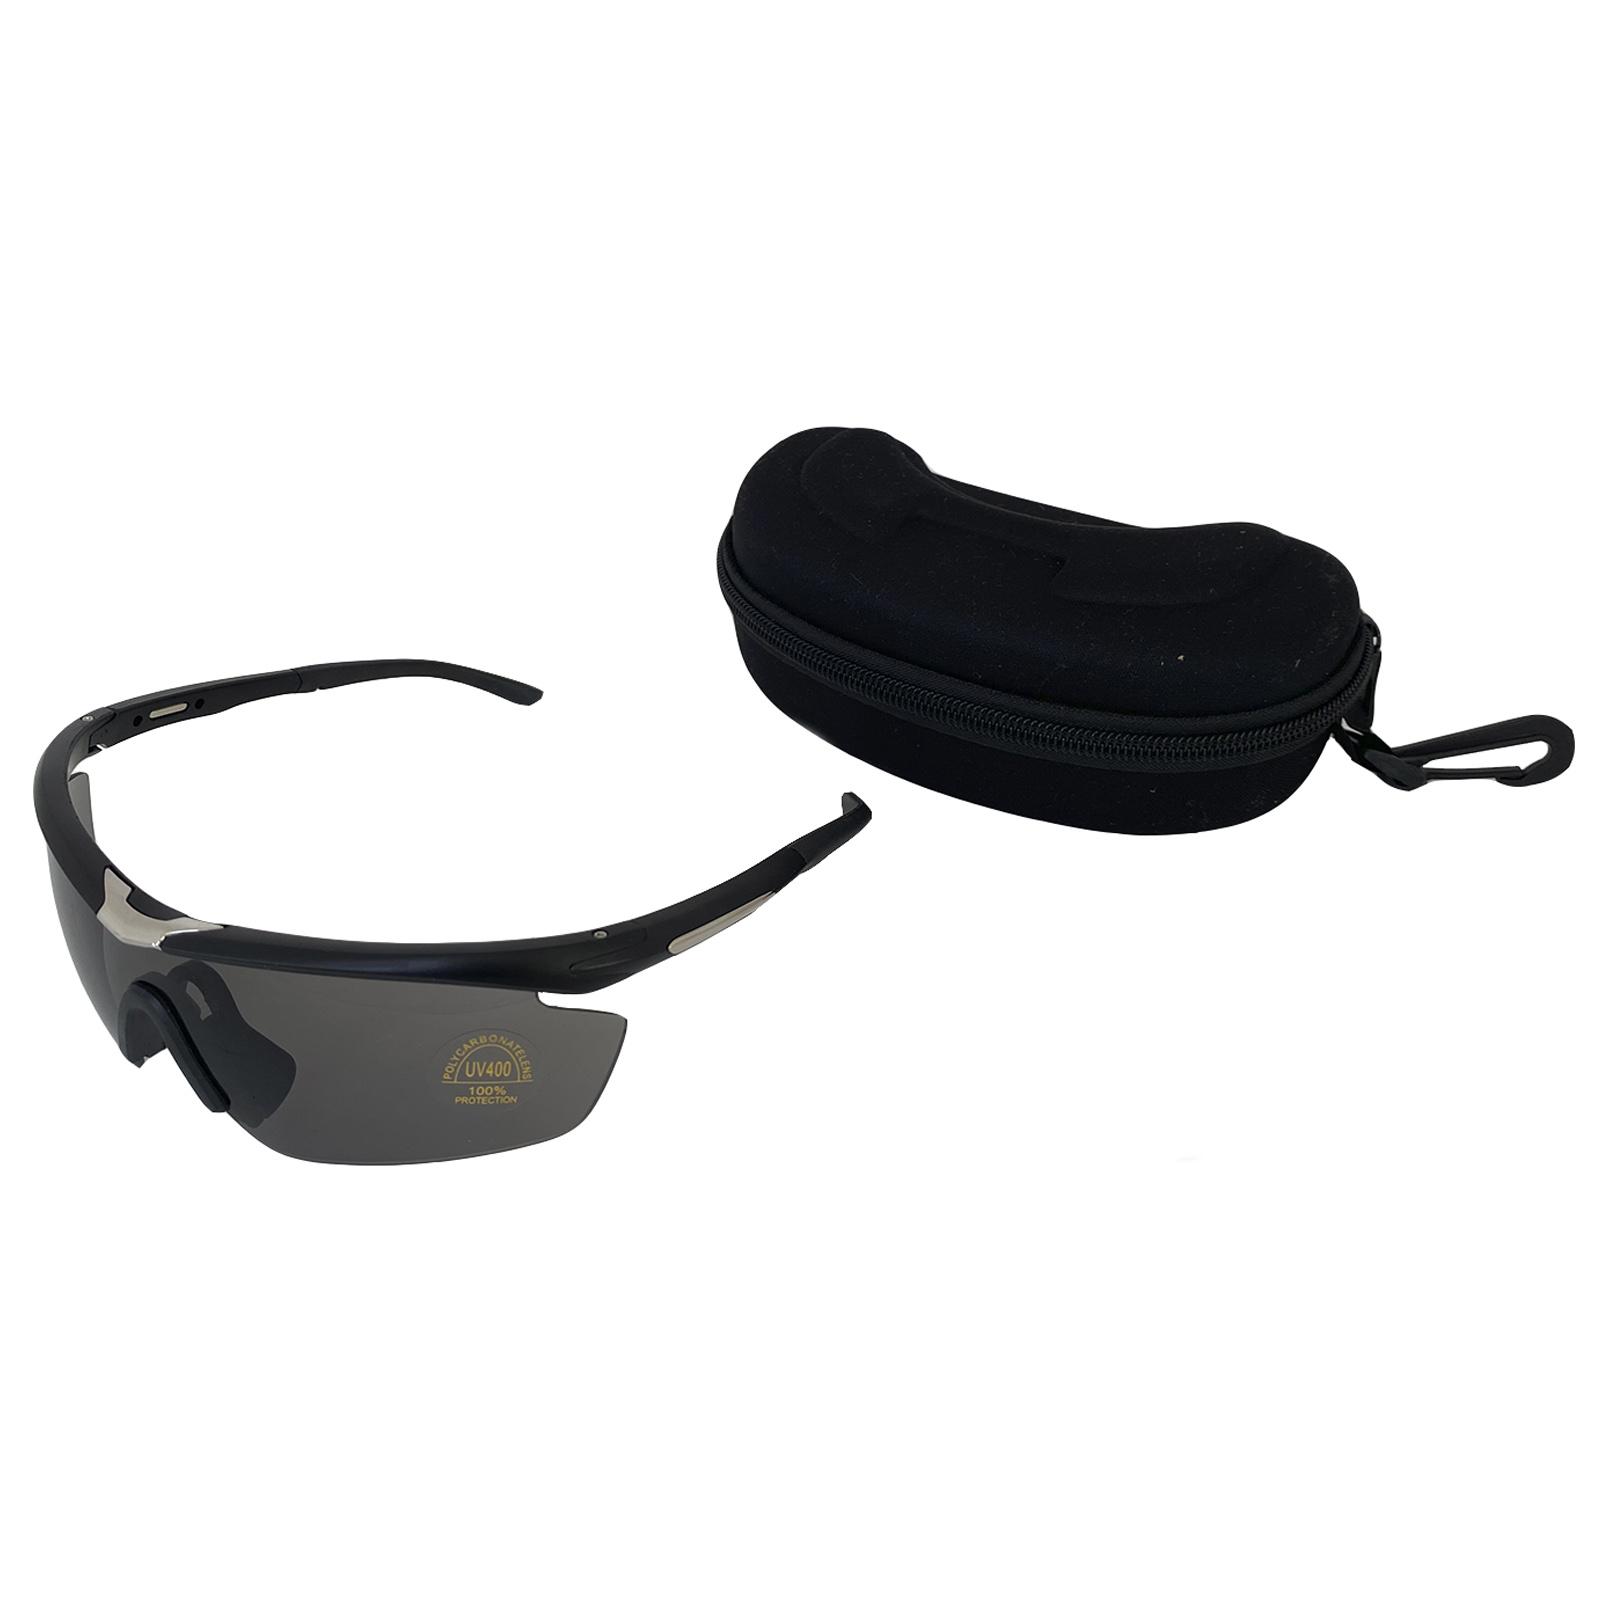 Мужские поликарбонатные очки UV400